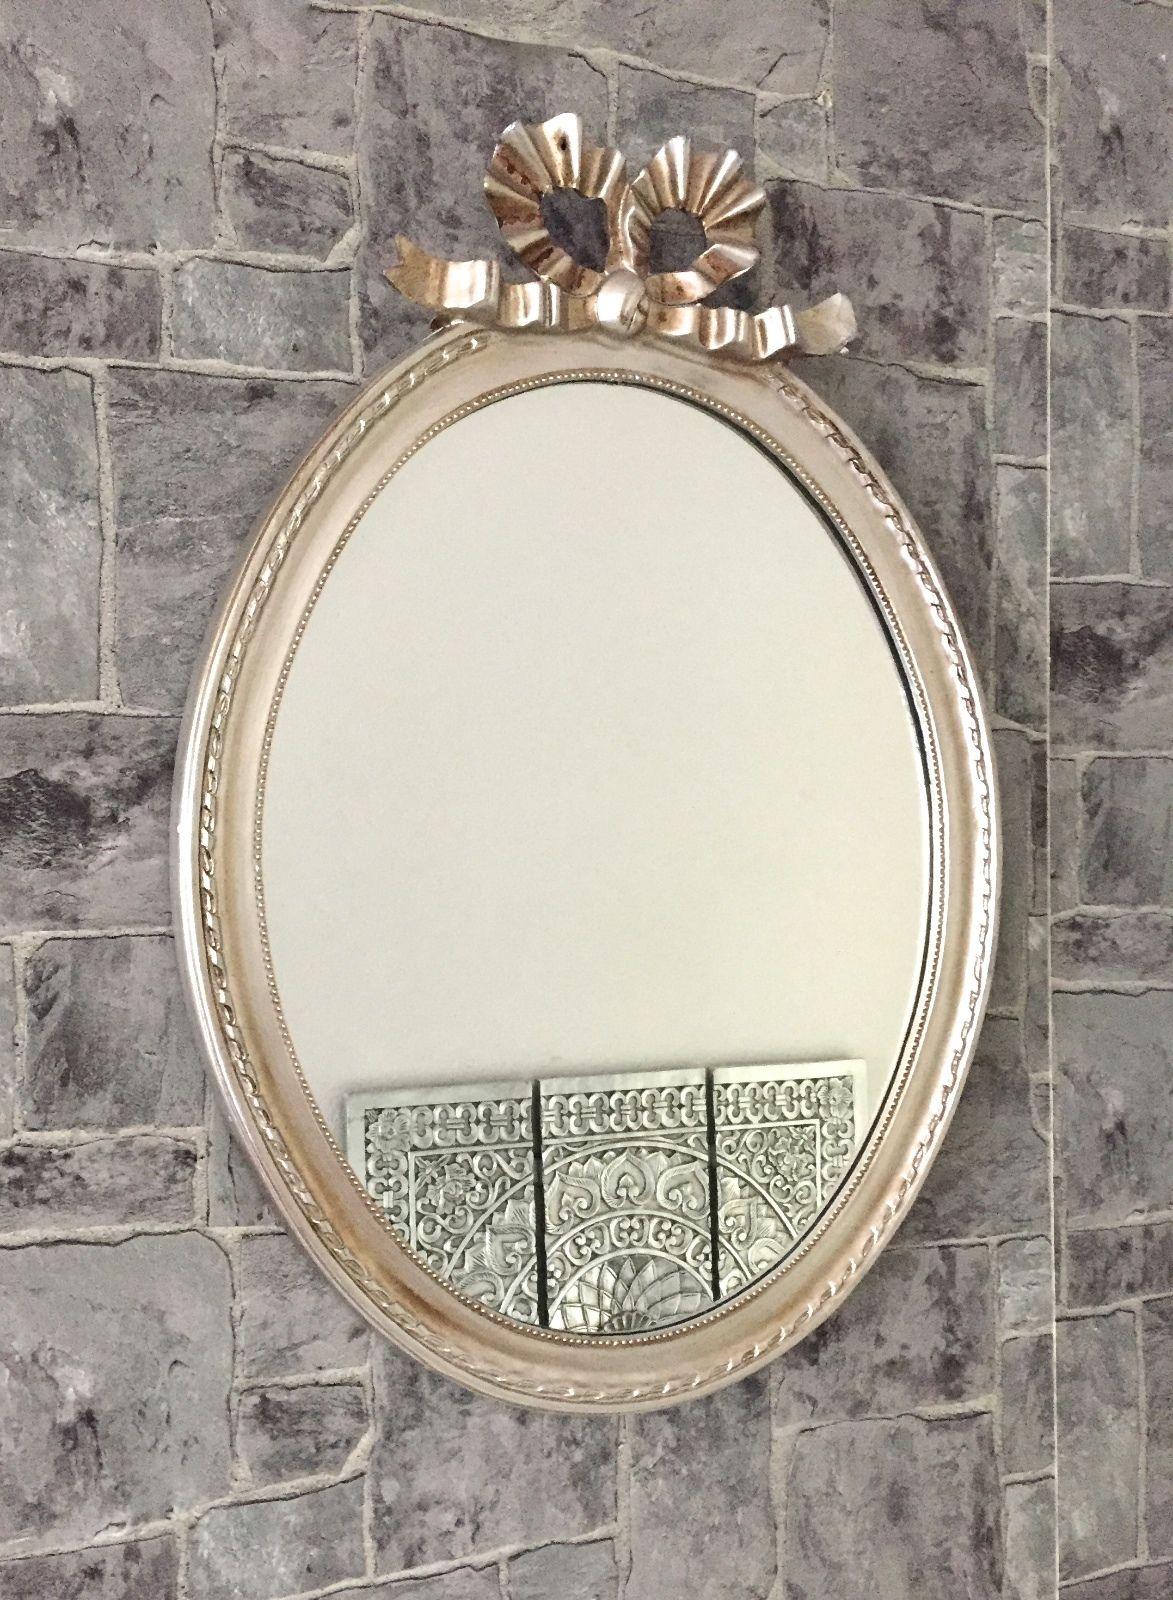 Wandspiegel Oval Gold Silber Schwarz Weiß Gold 58x42 cm Spiegel ...